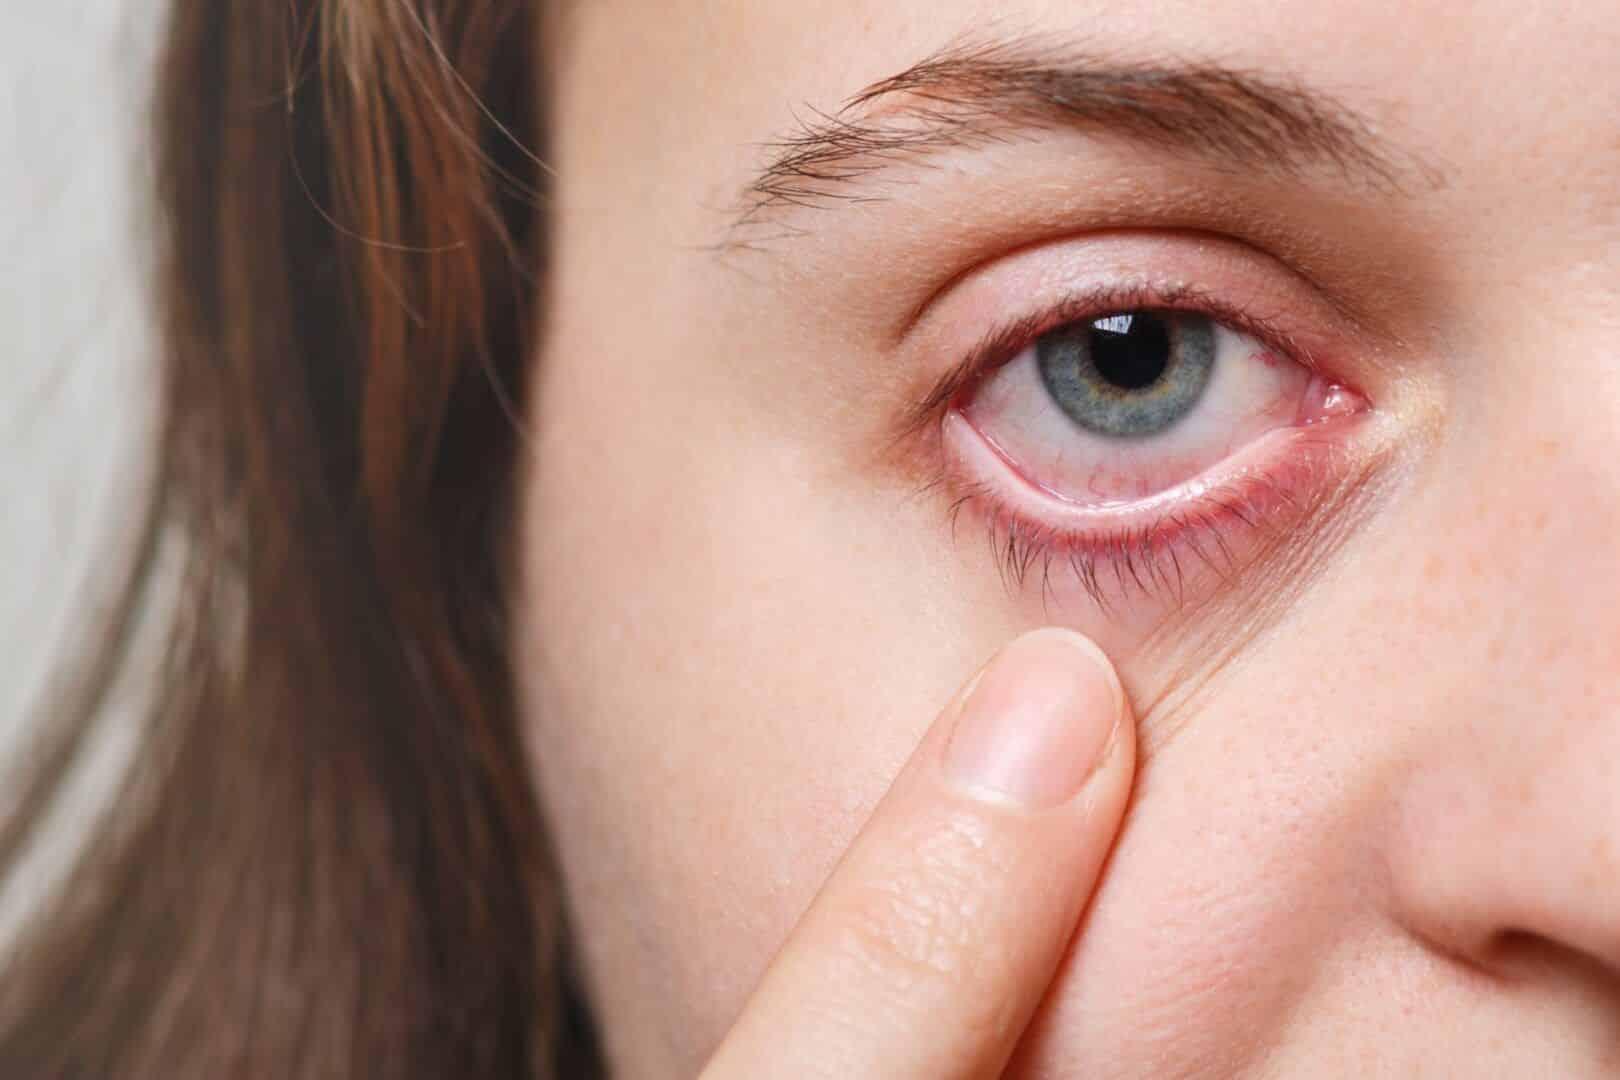 Fotografia de uma mulher com o olhar em foco para ilustração do item